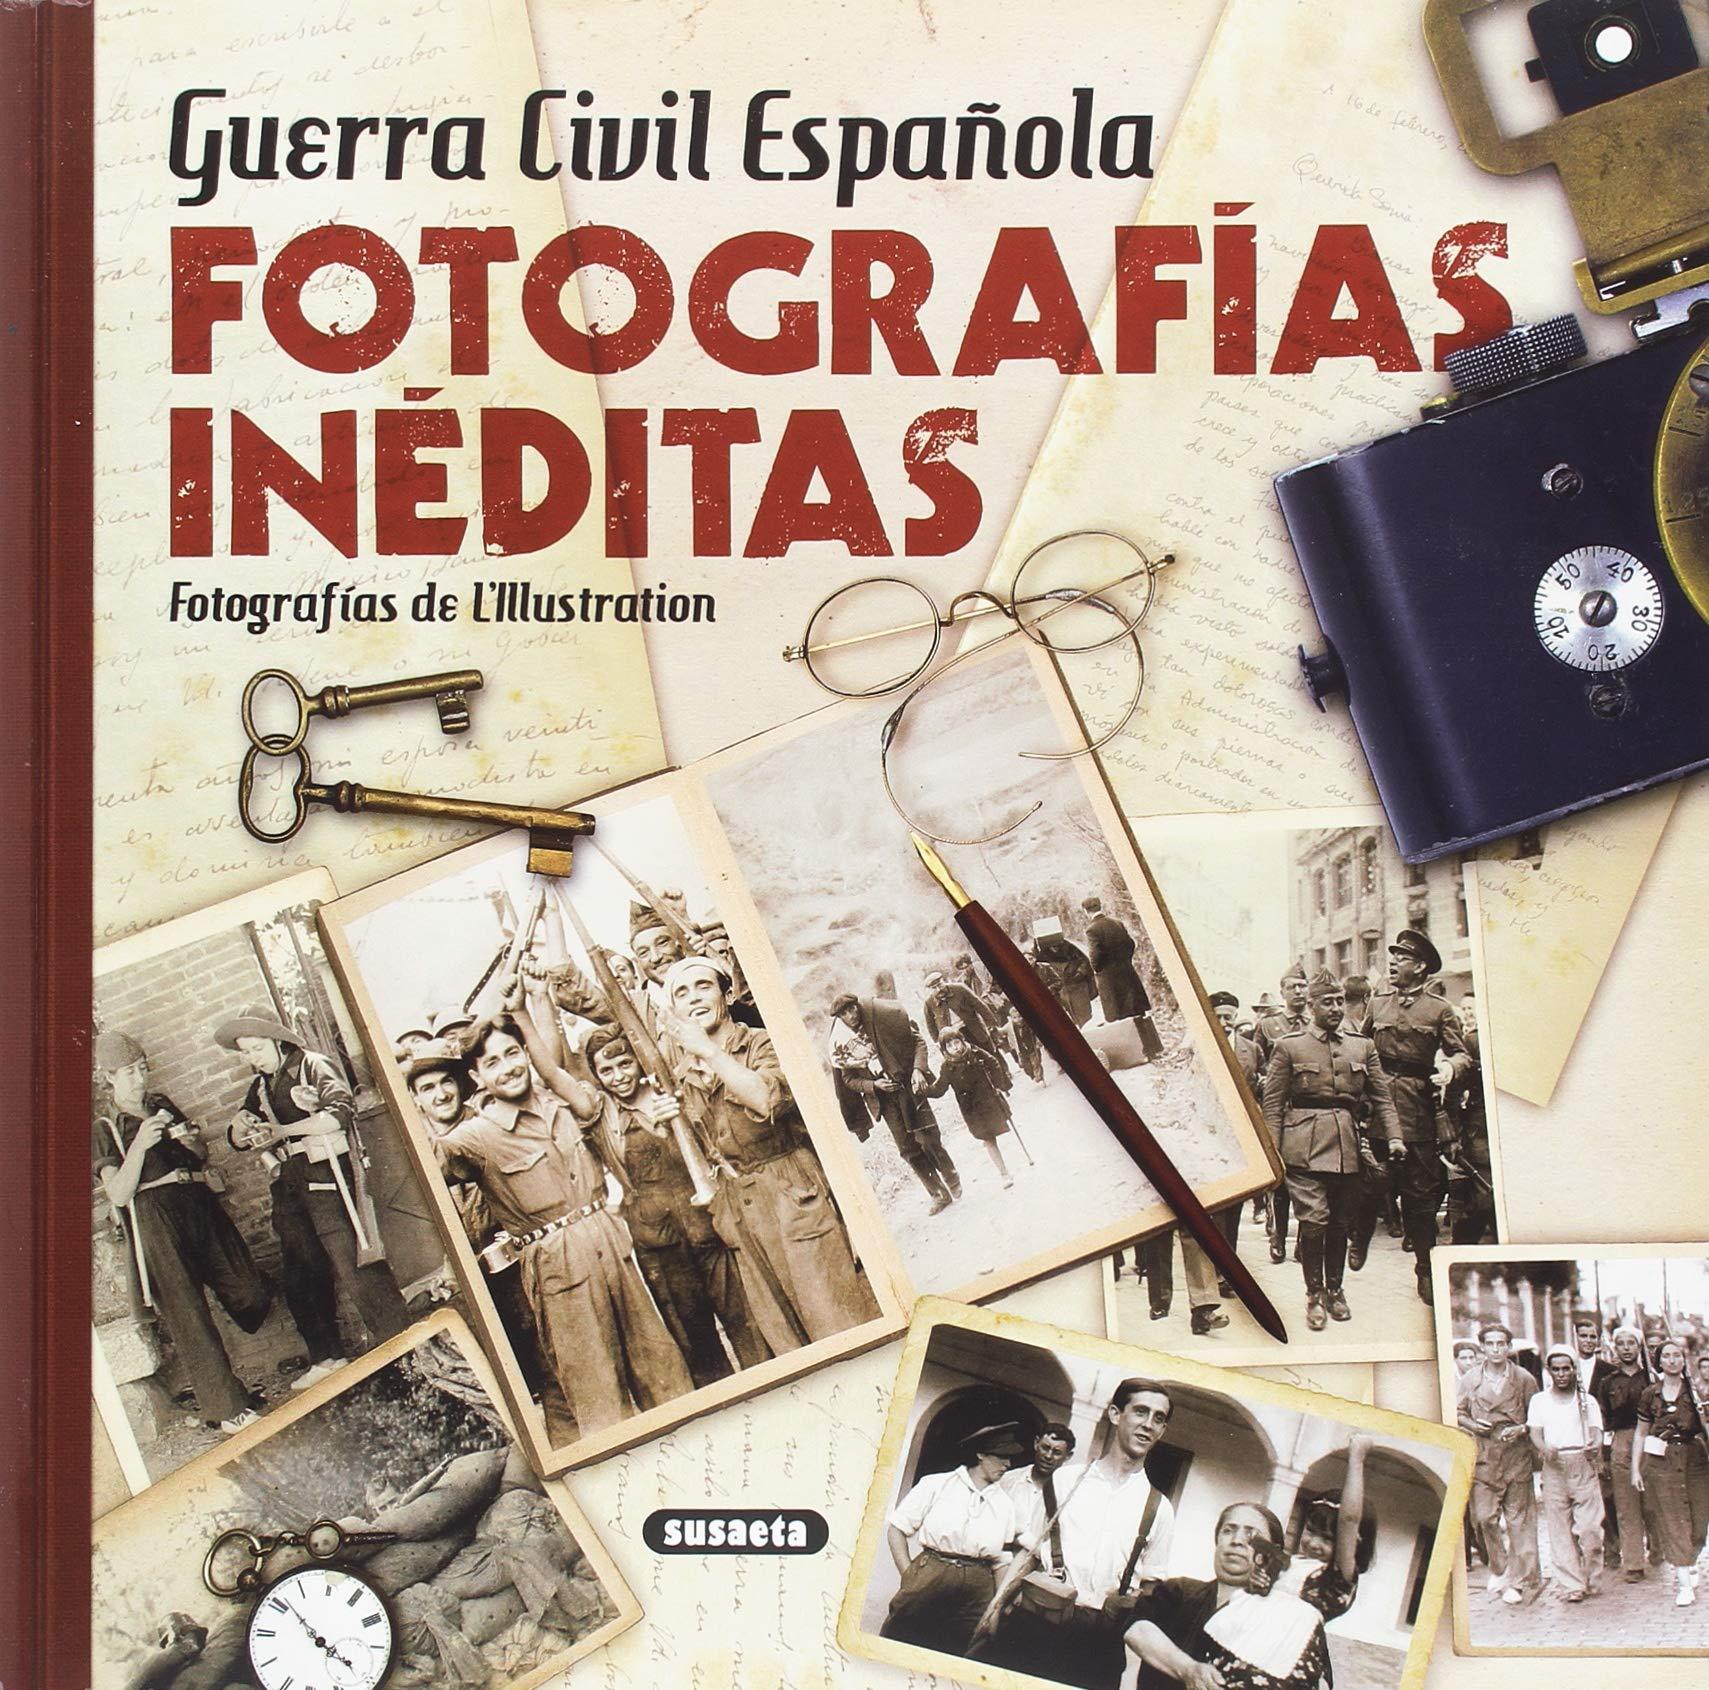 Guerra Civil Española. Fotografías inéditas: Amazon.es: L ...